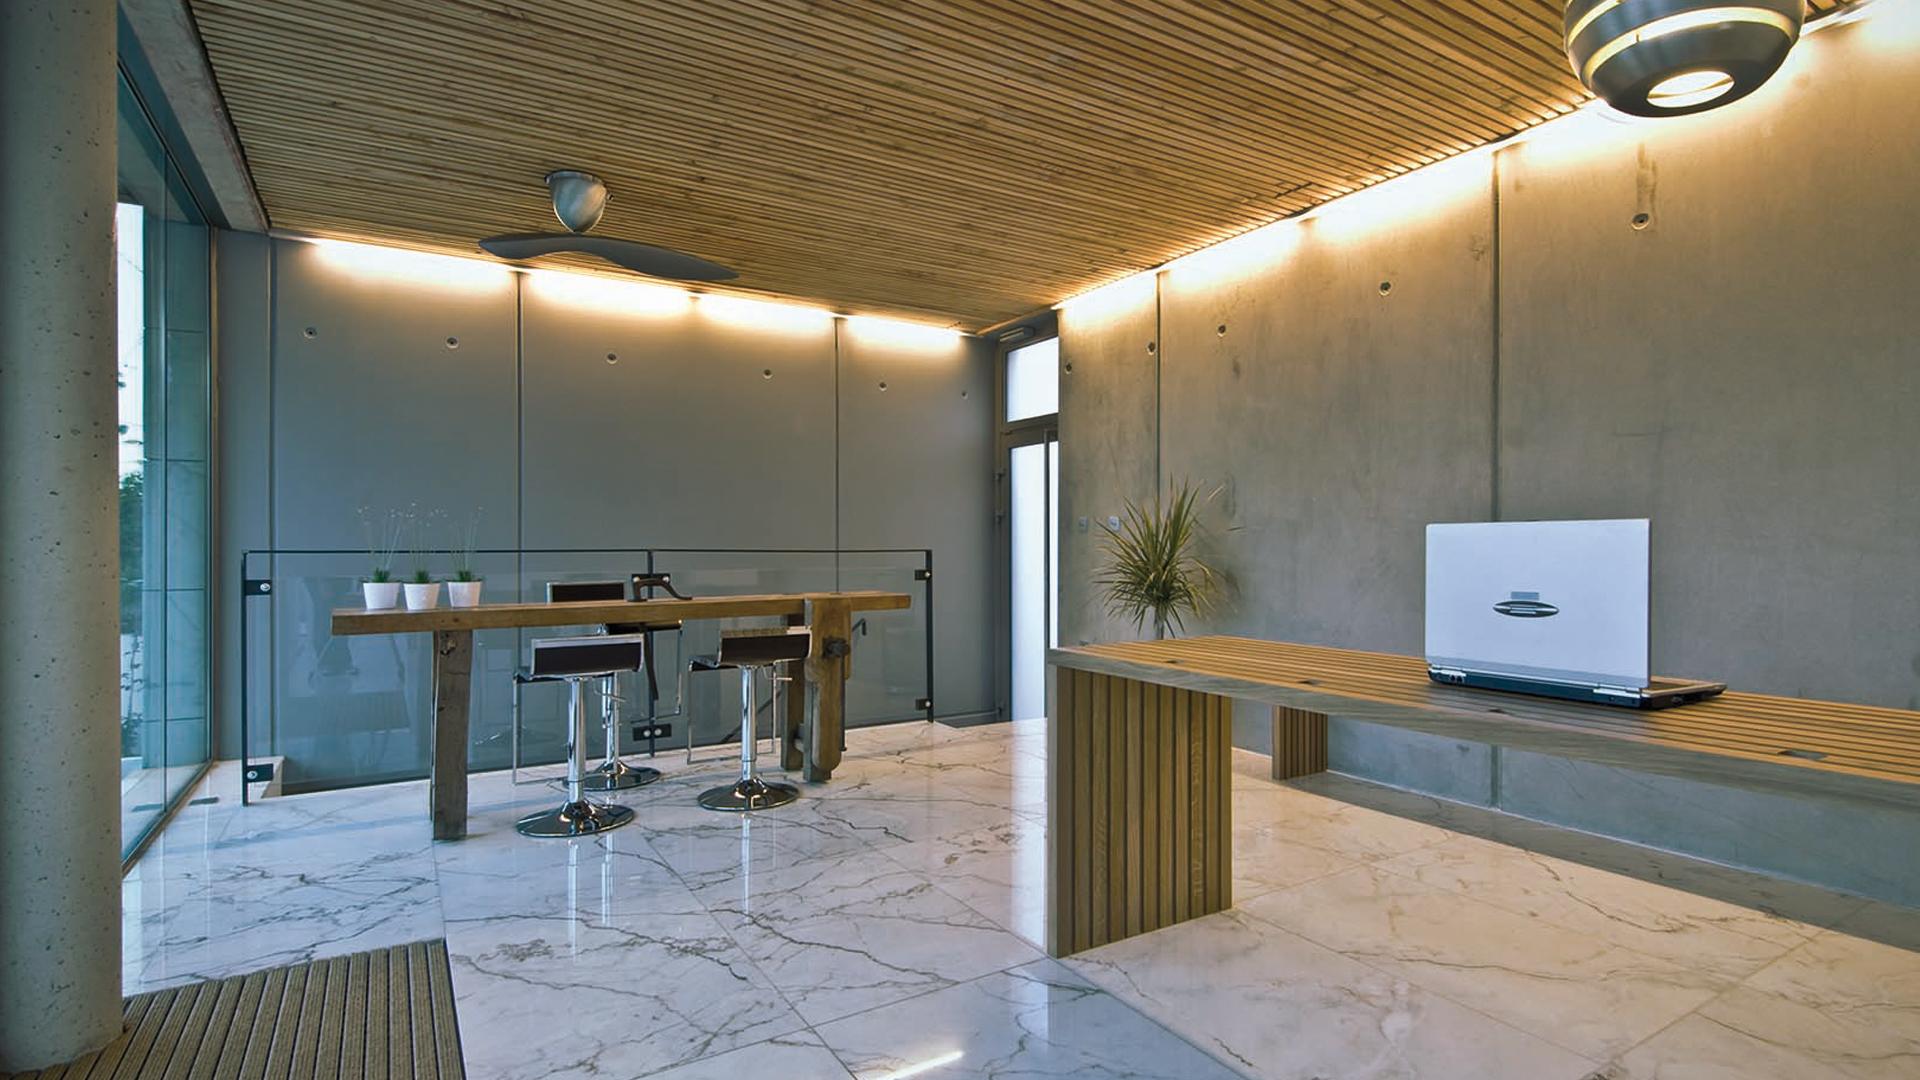 07-Seuil-architecture-Adonis-crédit-Ph.-Geneviève-Gélinas